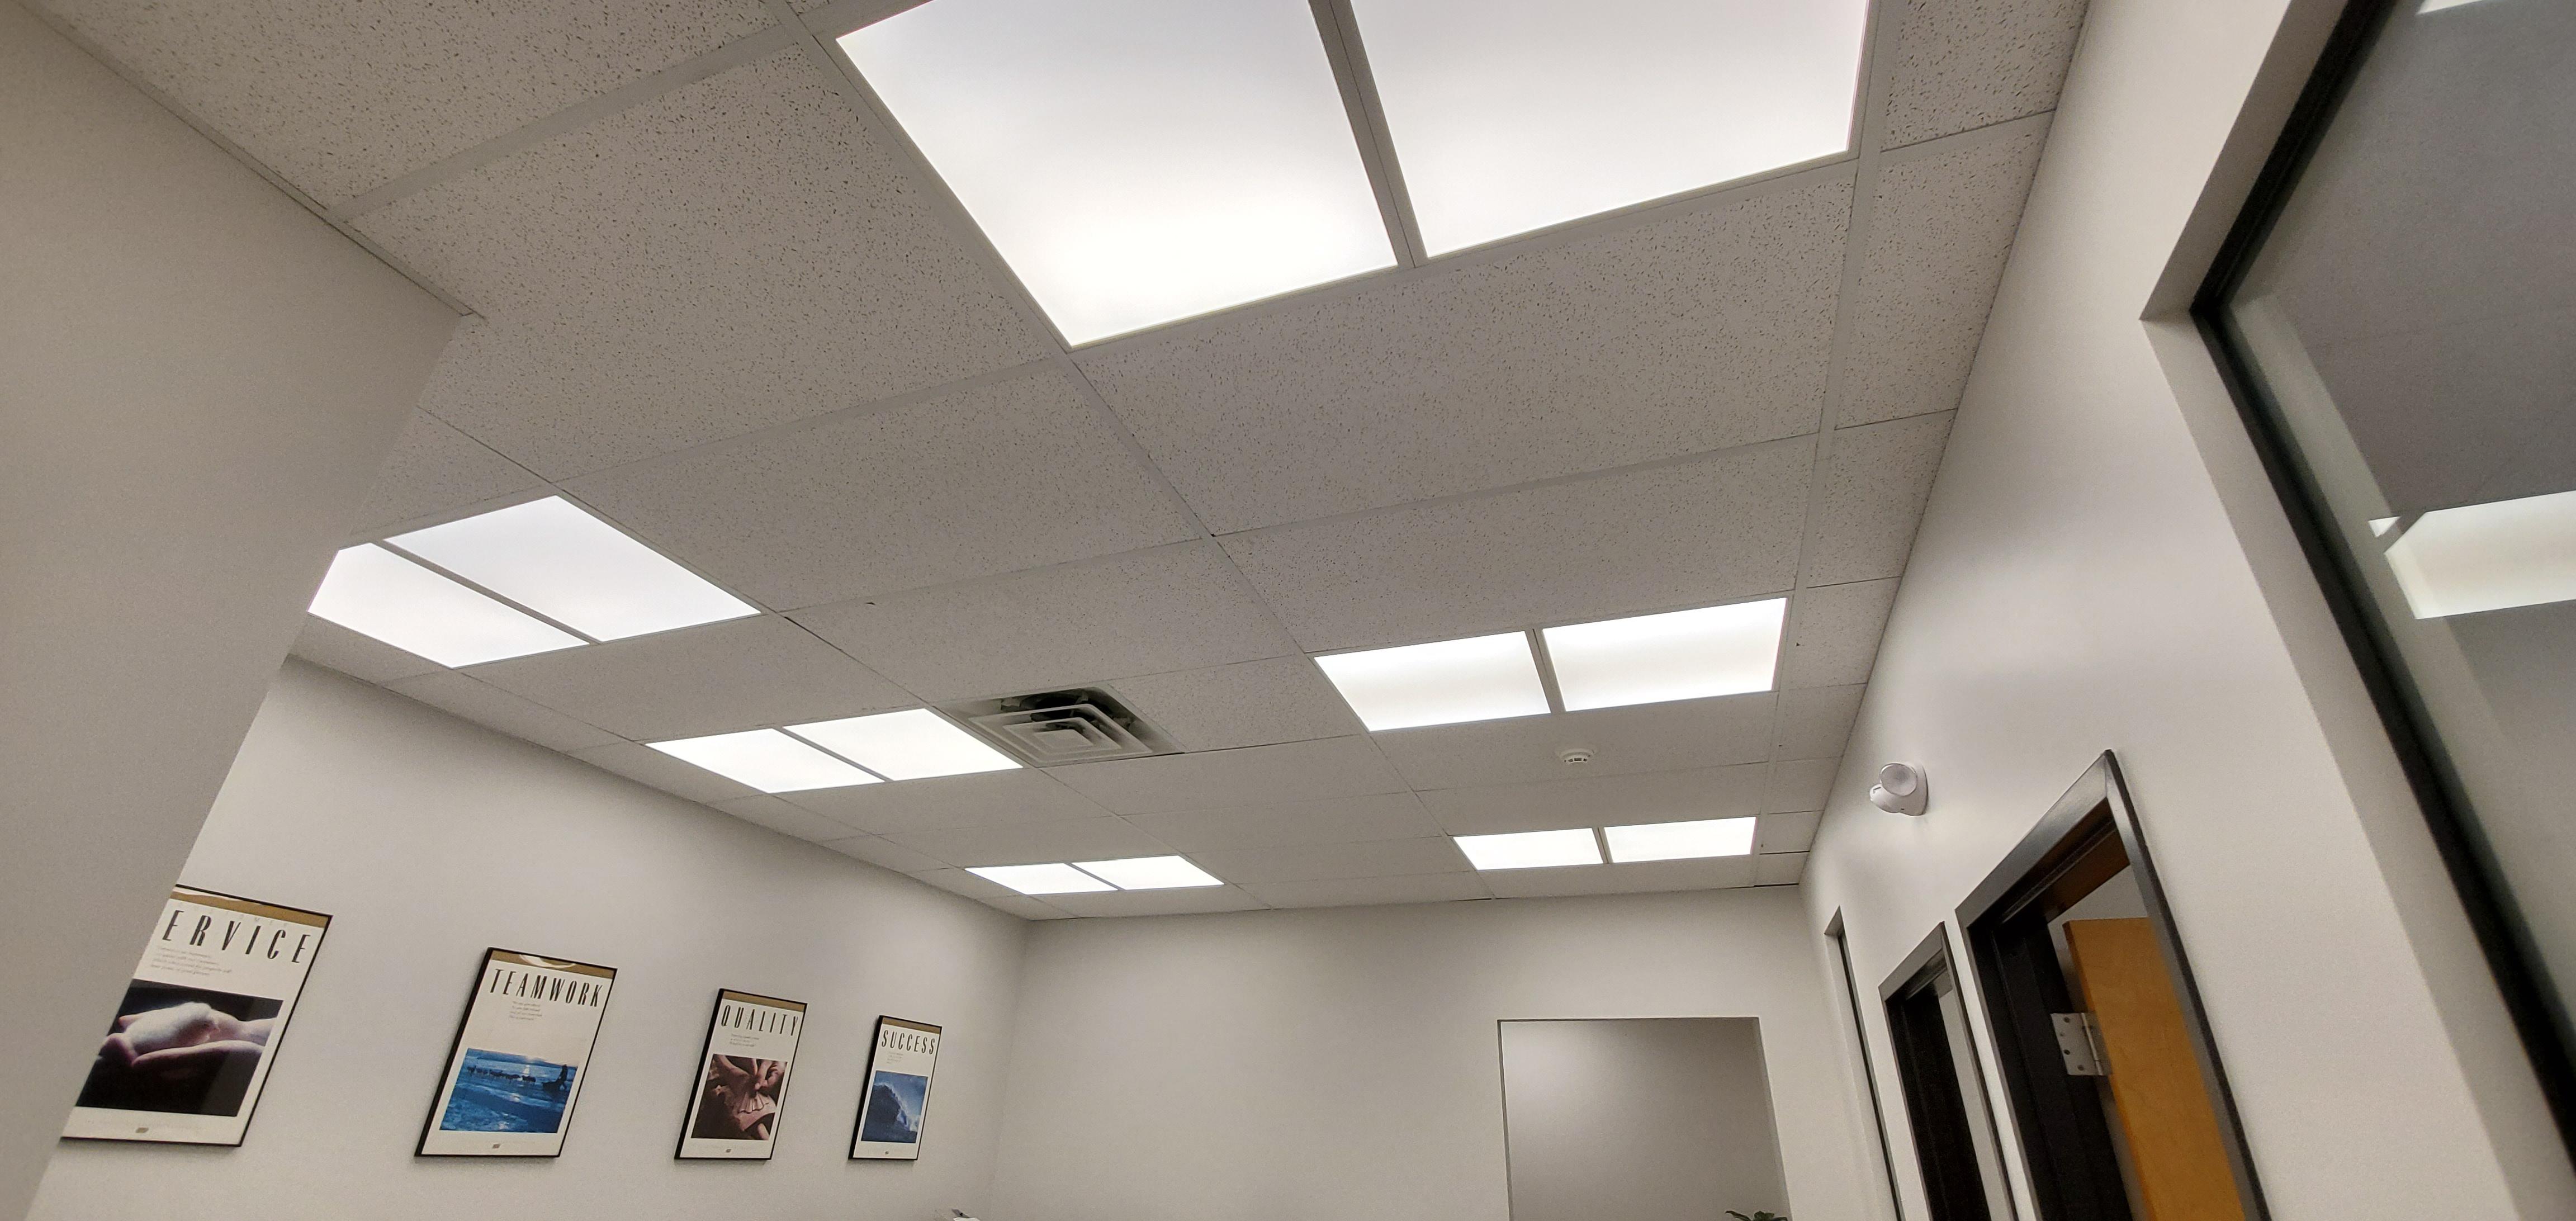 2x2 LED Panels